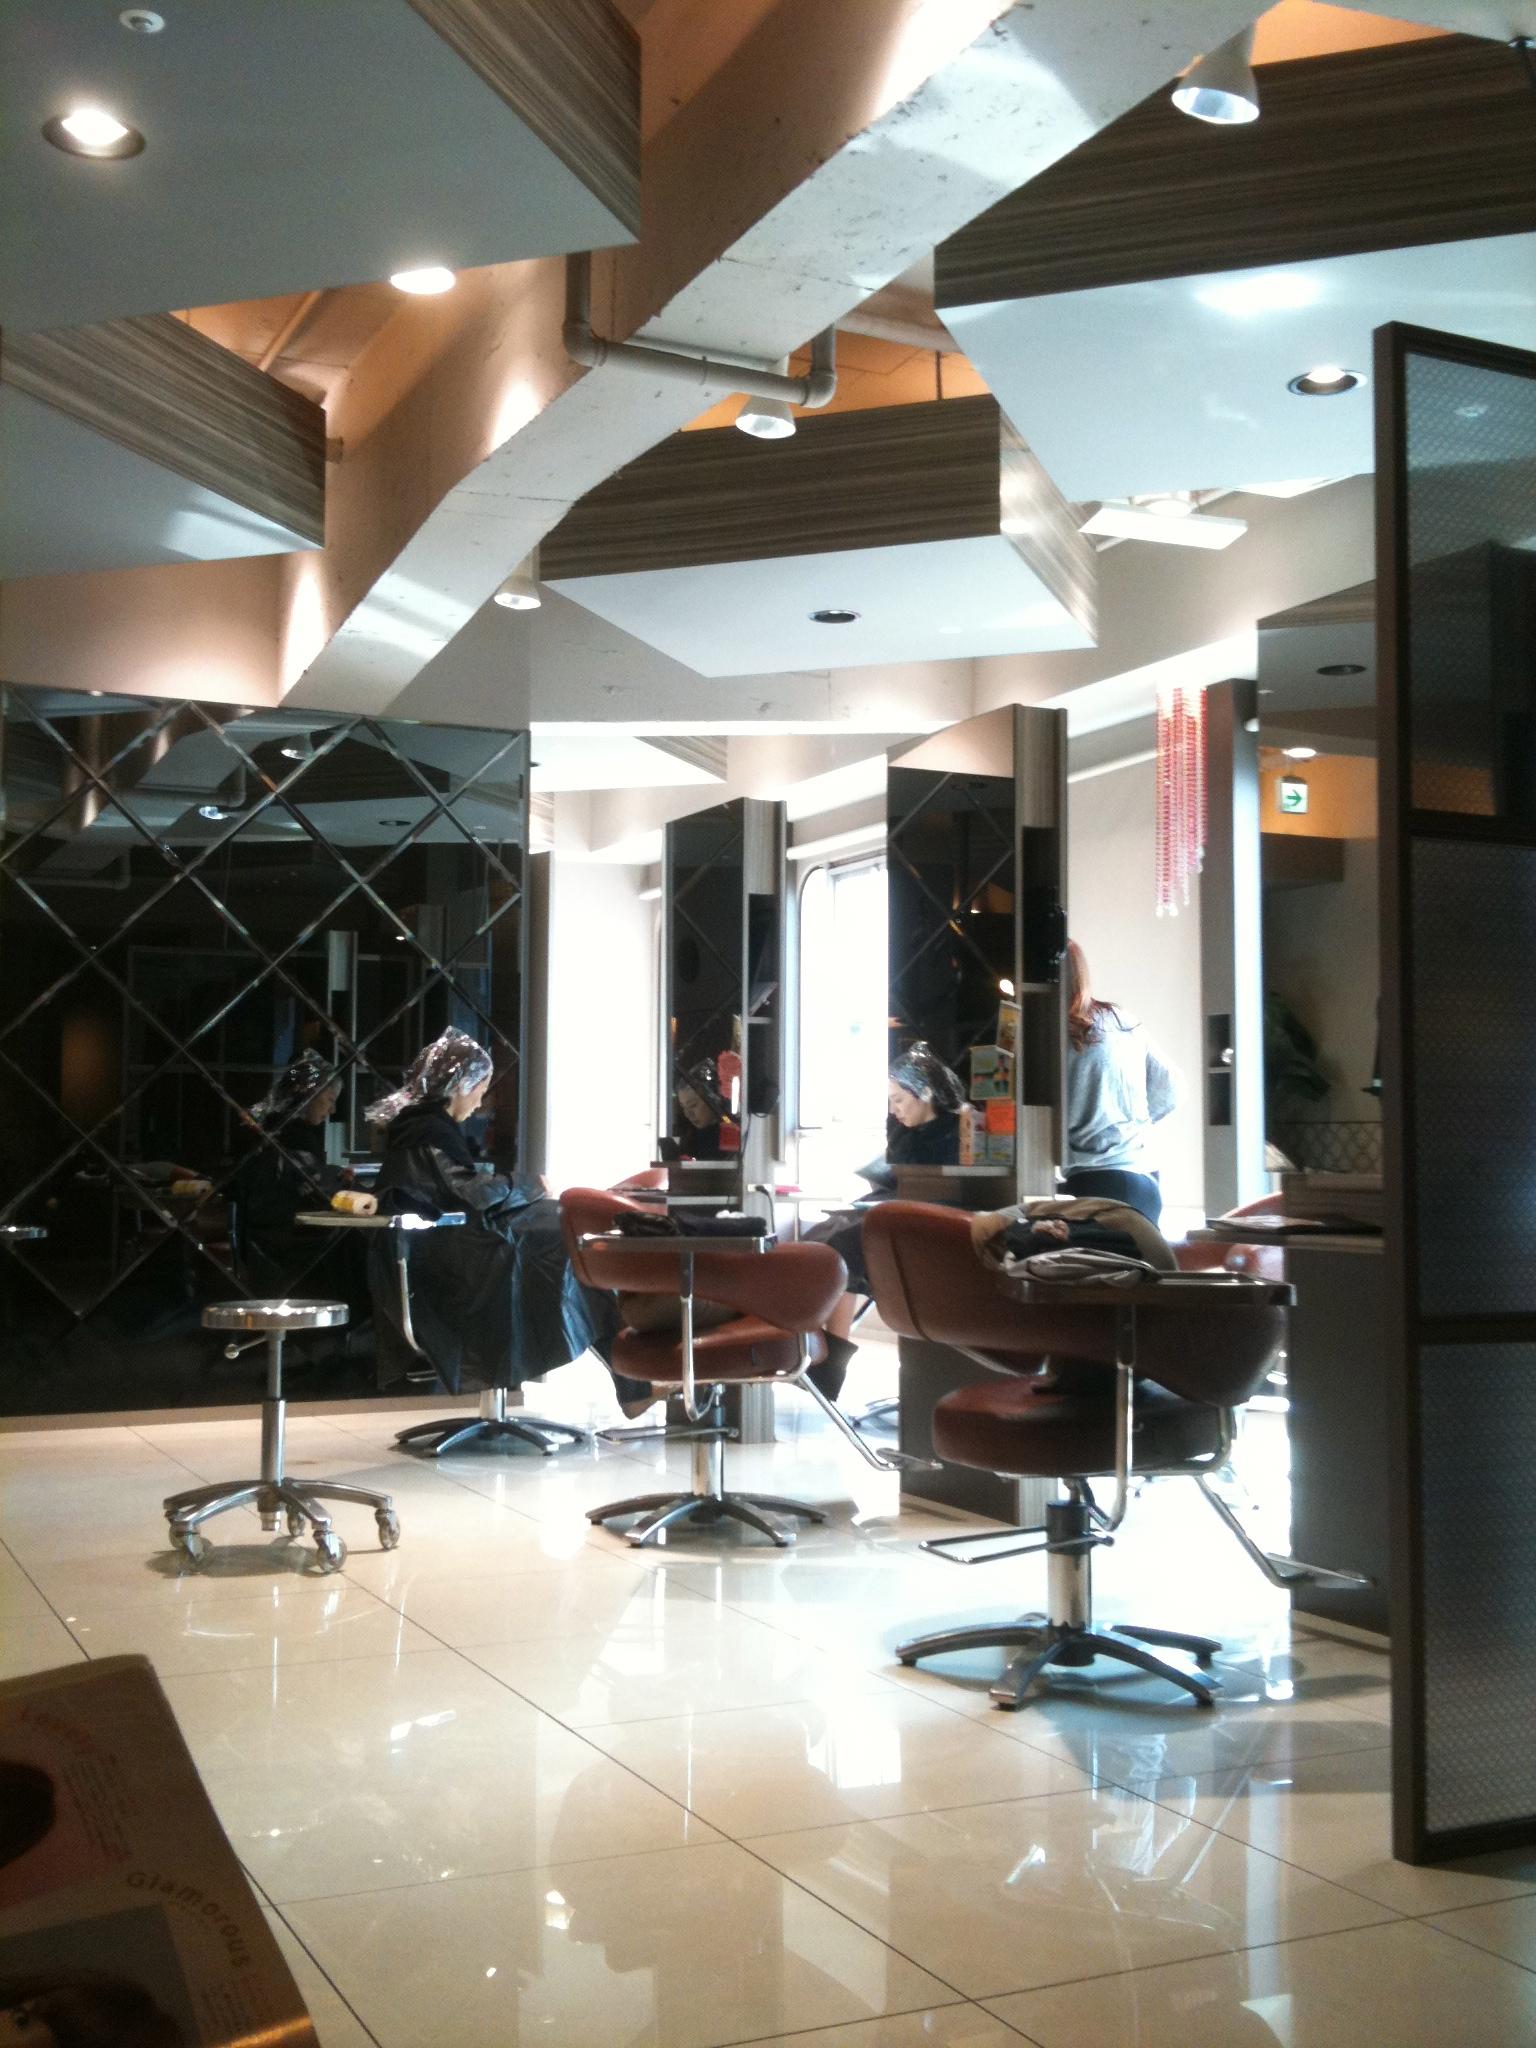 Vista general de la peluquería